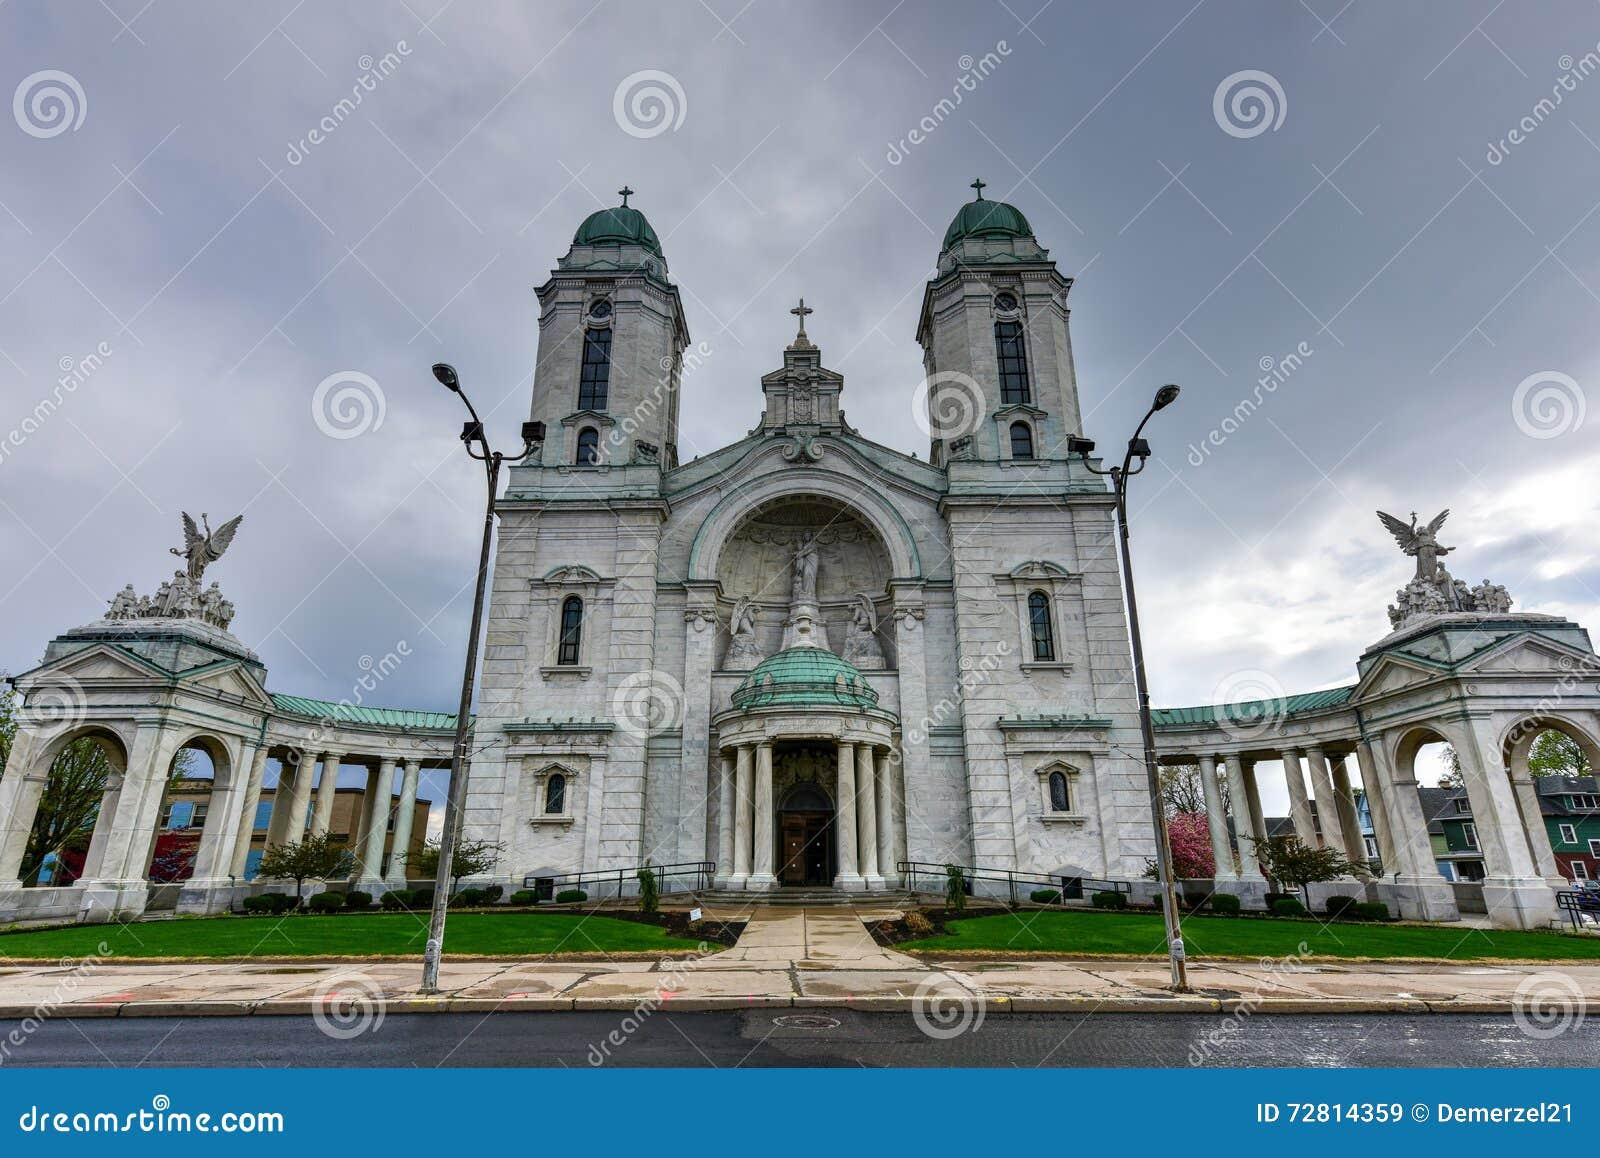 Notre Madame de Victory Basilica - Lackawanna, NY